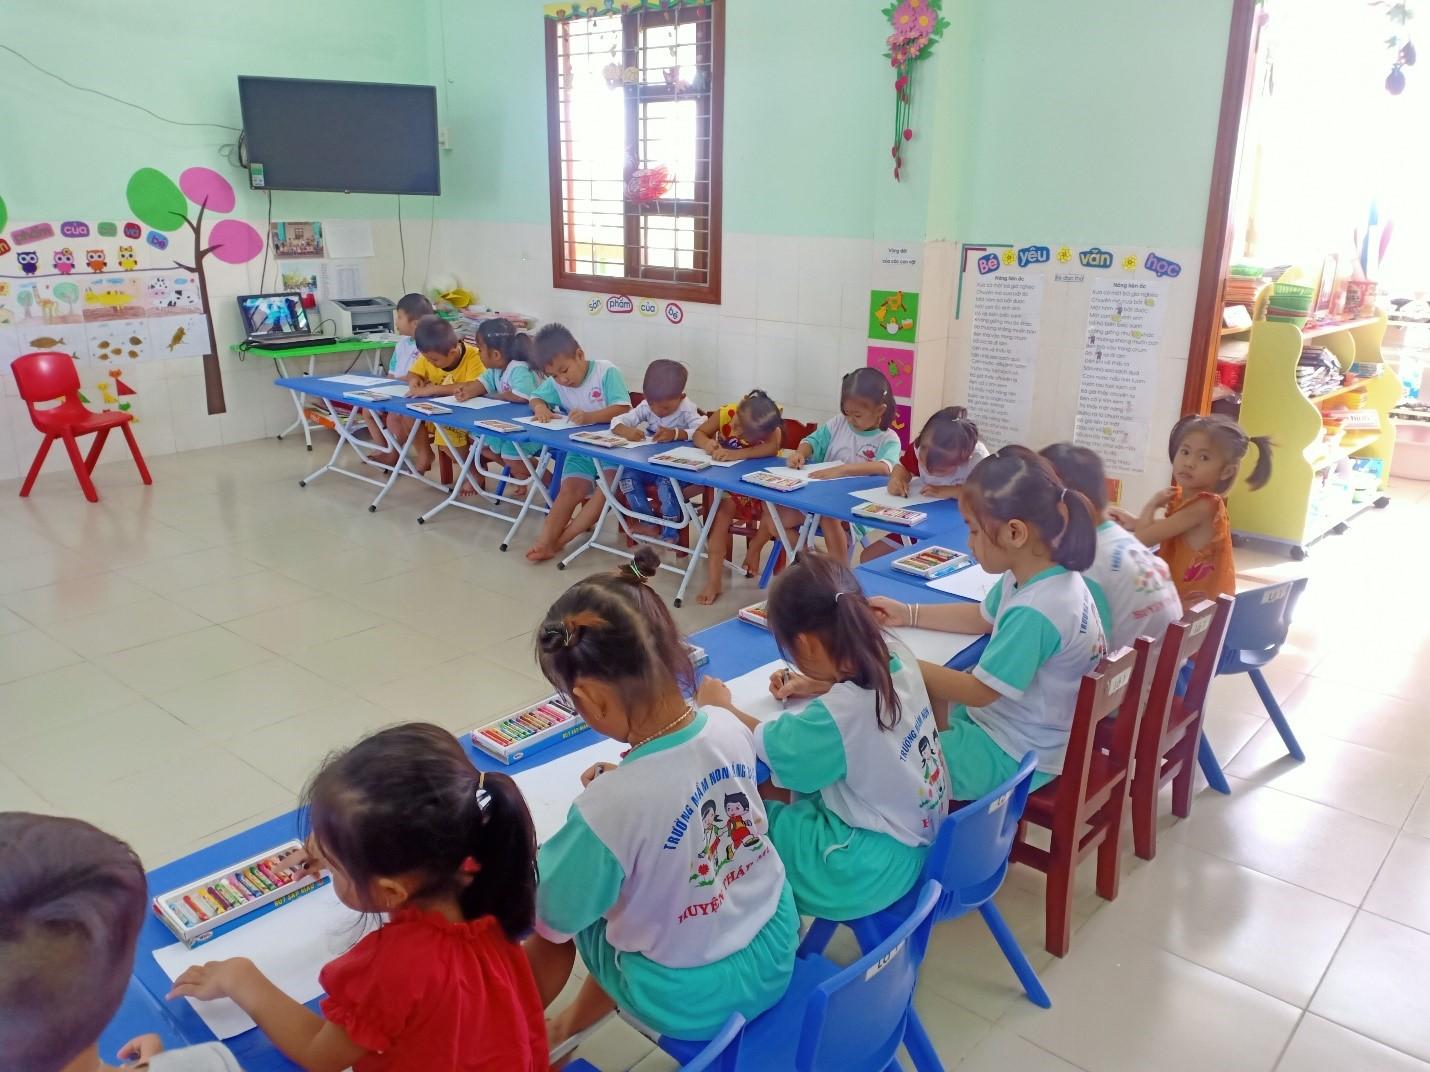 Các bé ngồi vào bàn để thực hiện vẽ tranh theo sự sáng tạo của mình